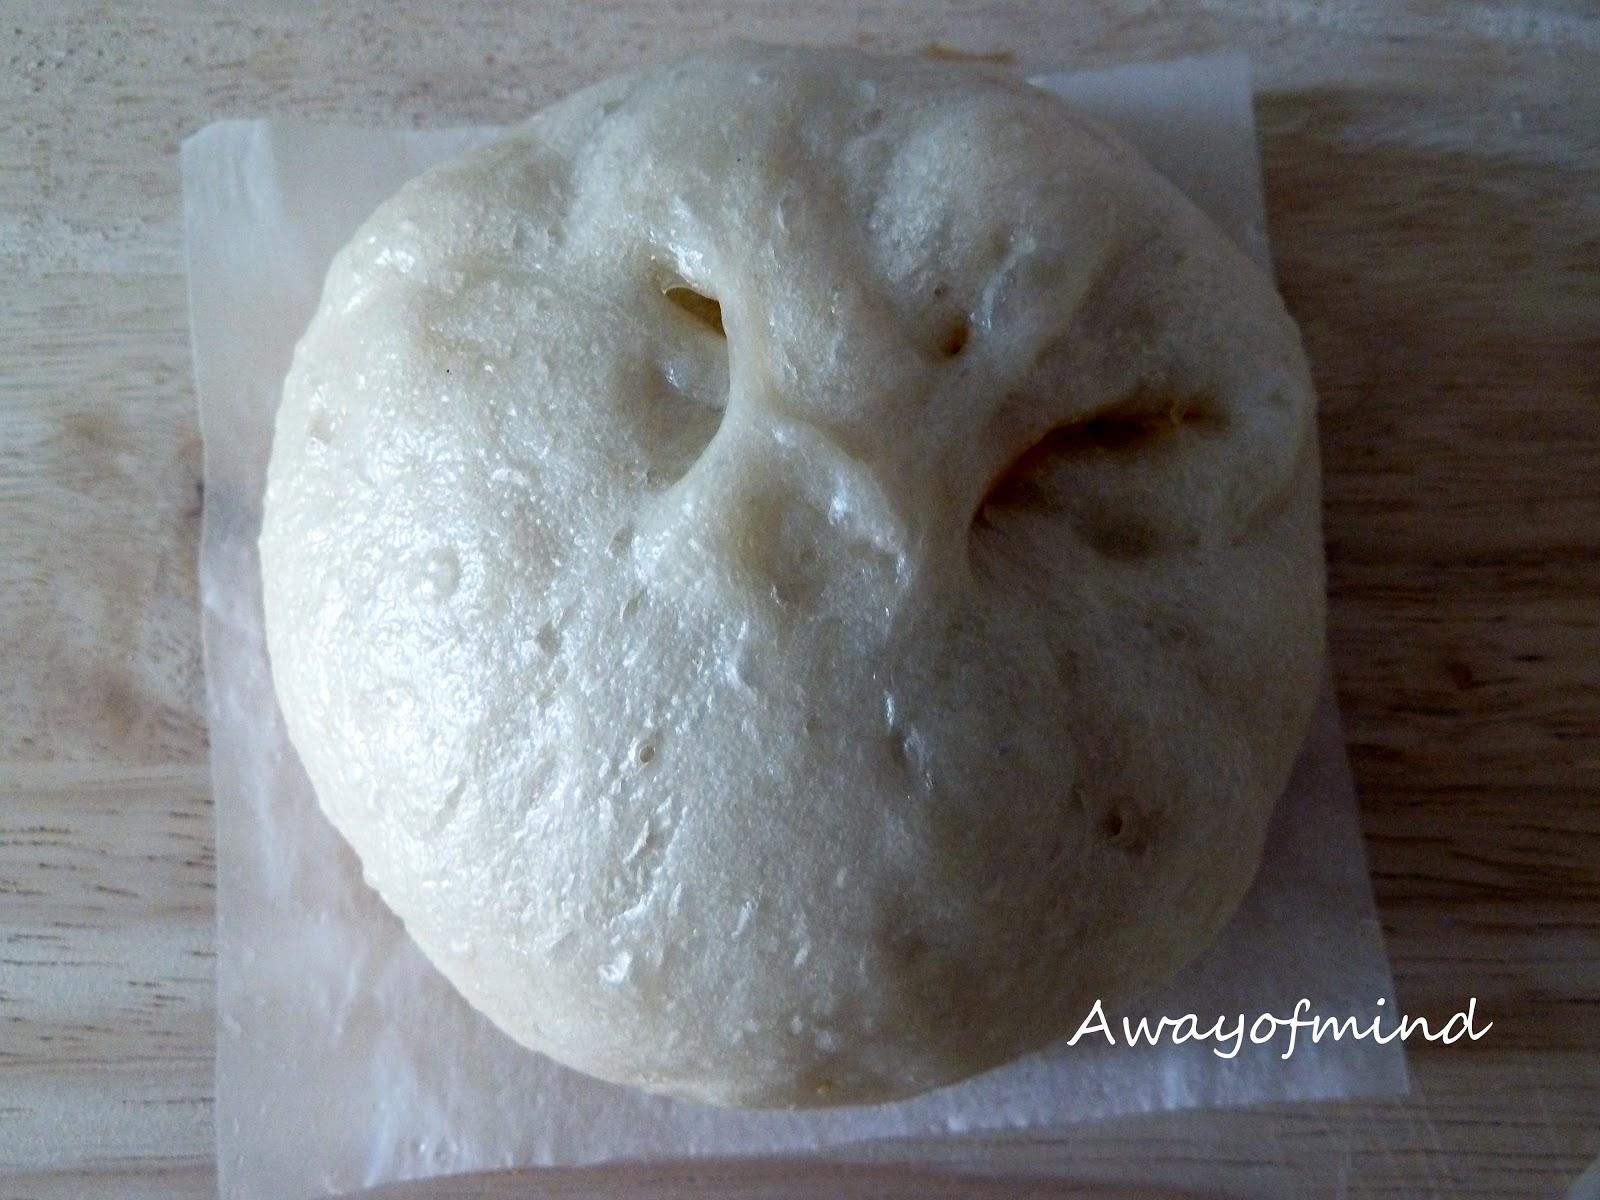 Awayofmind Bakery House: Jicama Bun 沙葛包(Bang Kuan Bao)